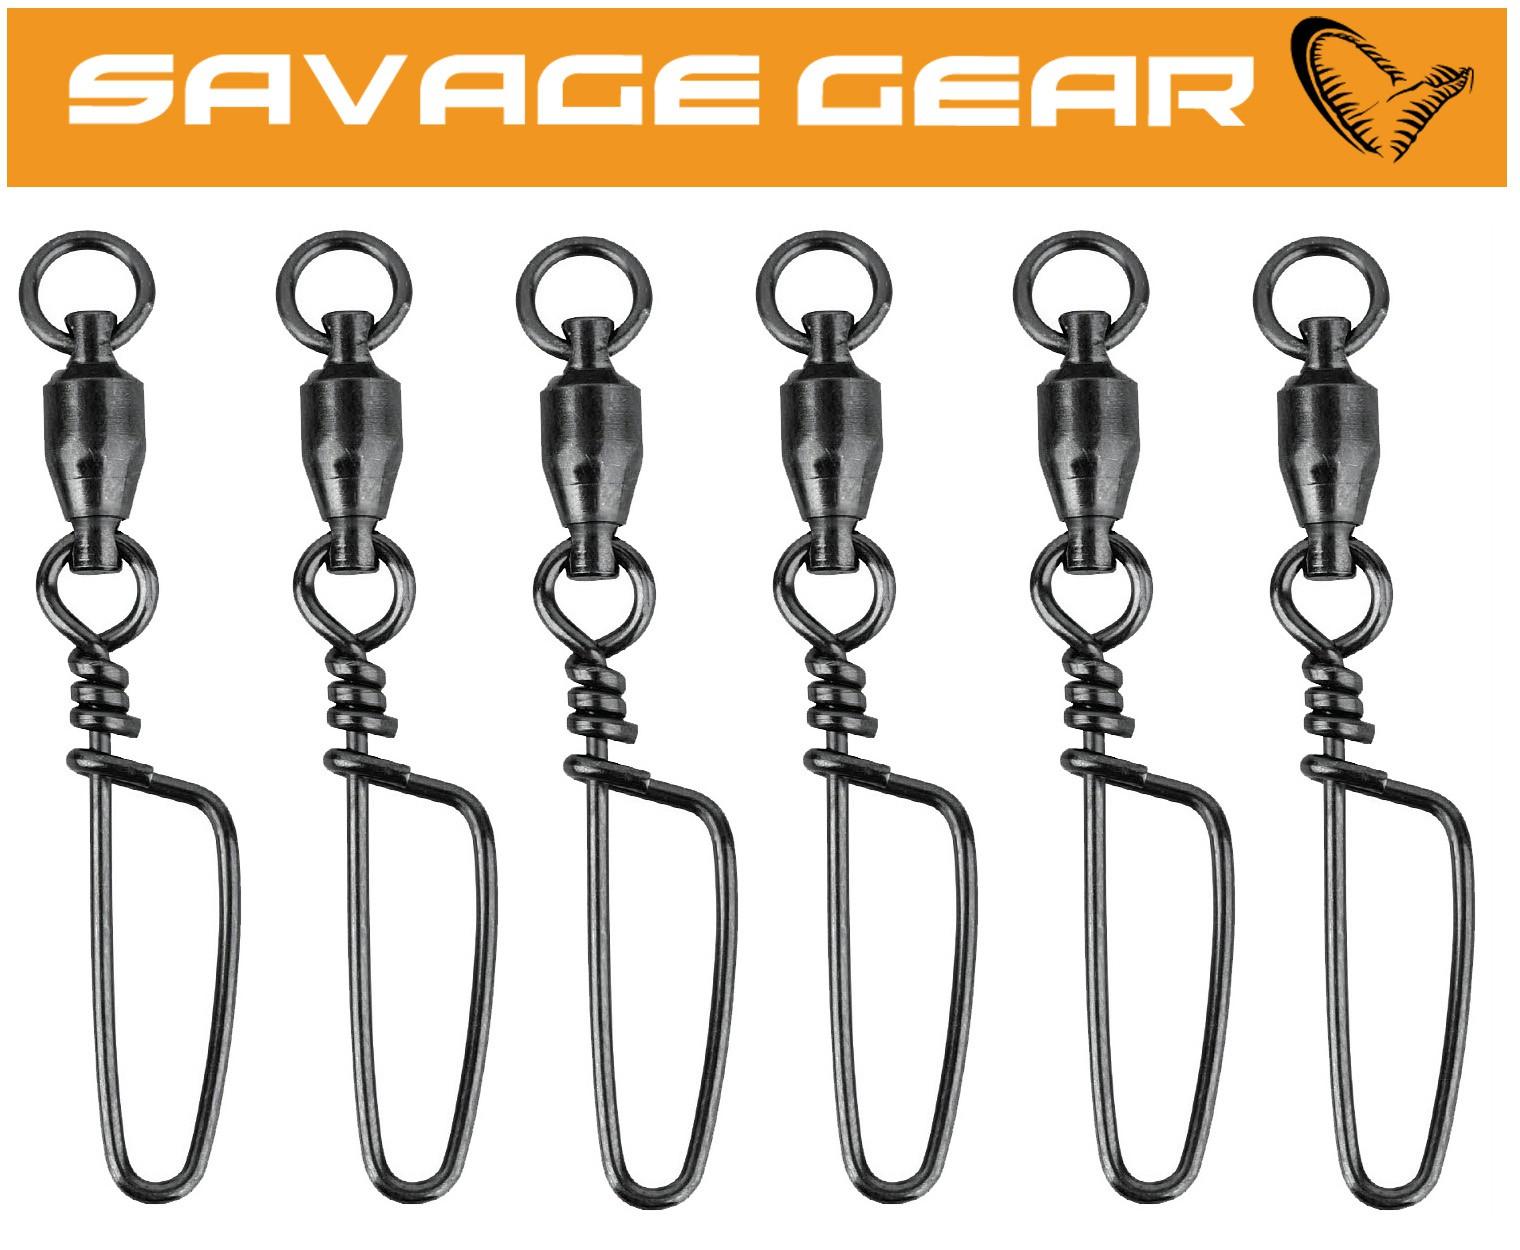 6 Wirbel Kugellagerwirbel zum Spinnfischen Savage Gear Ball Bearing Swivels